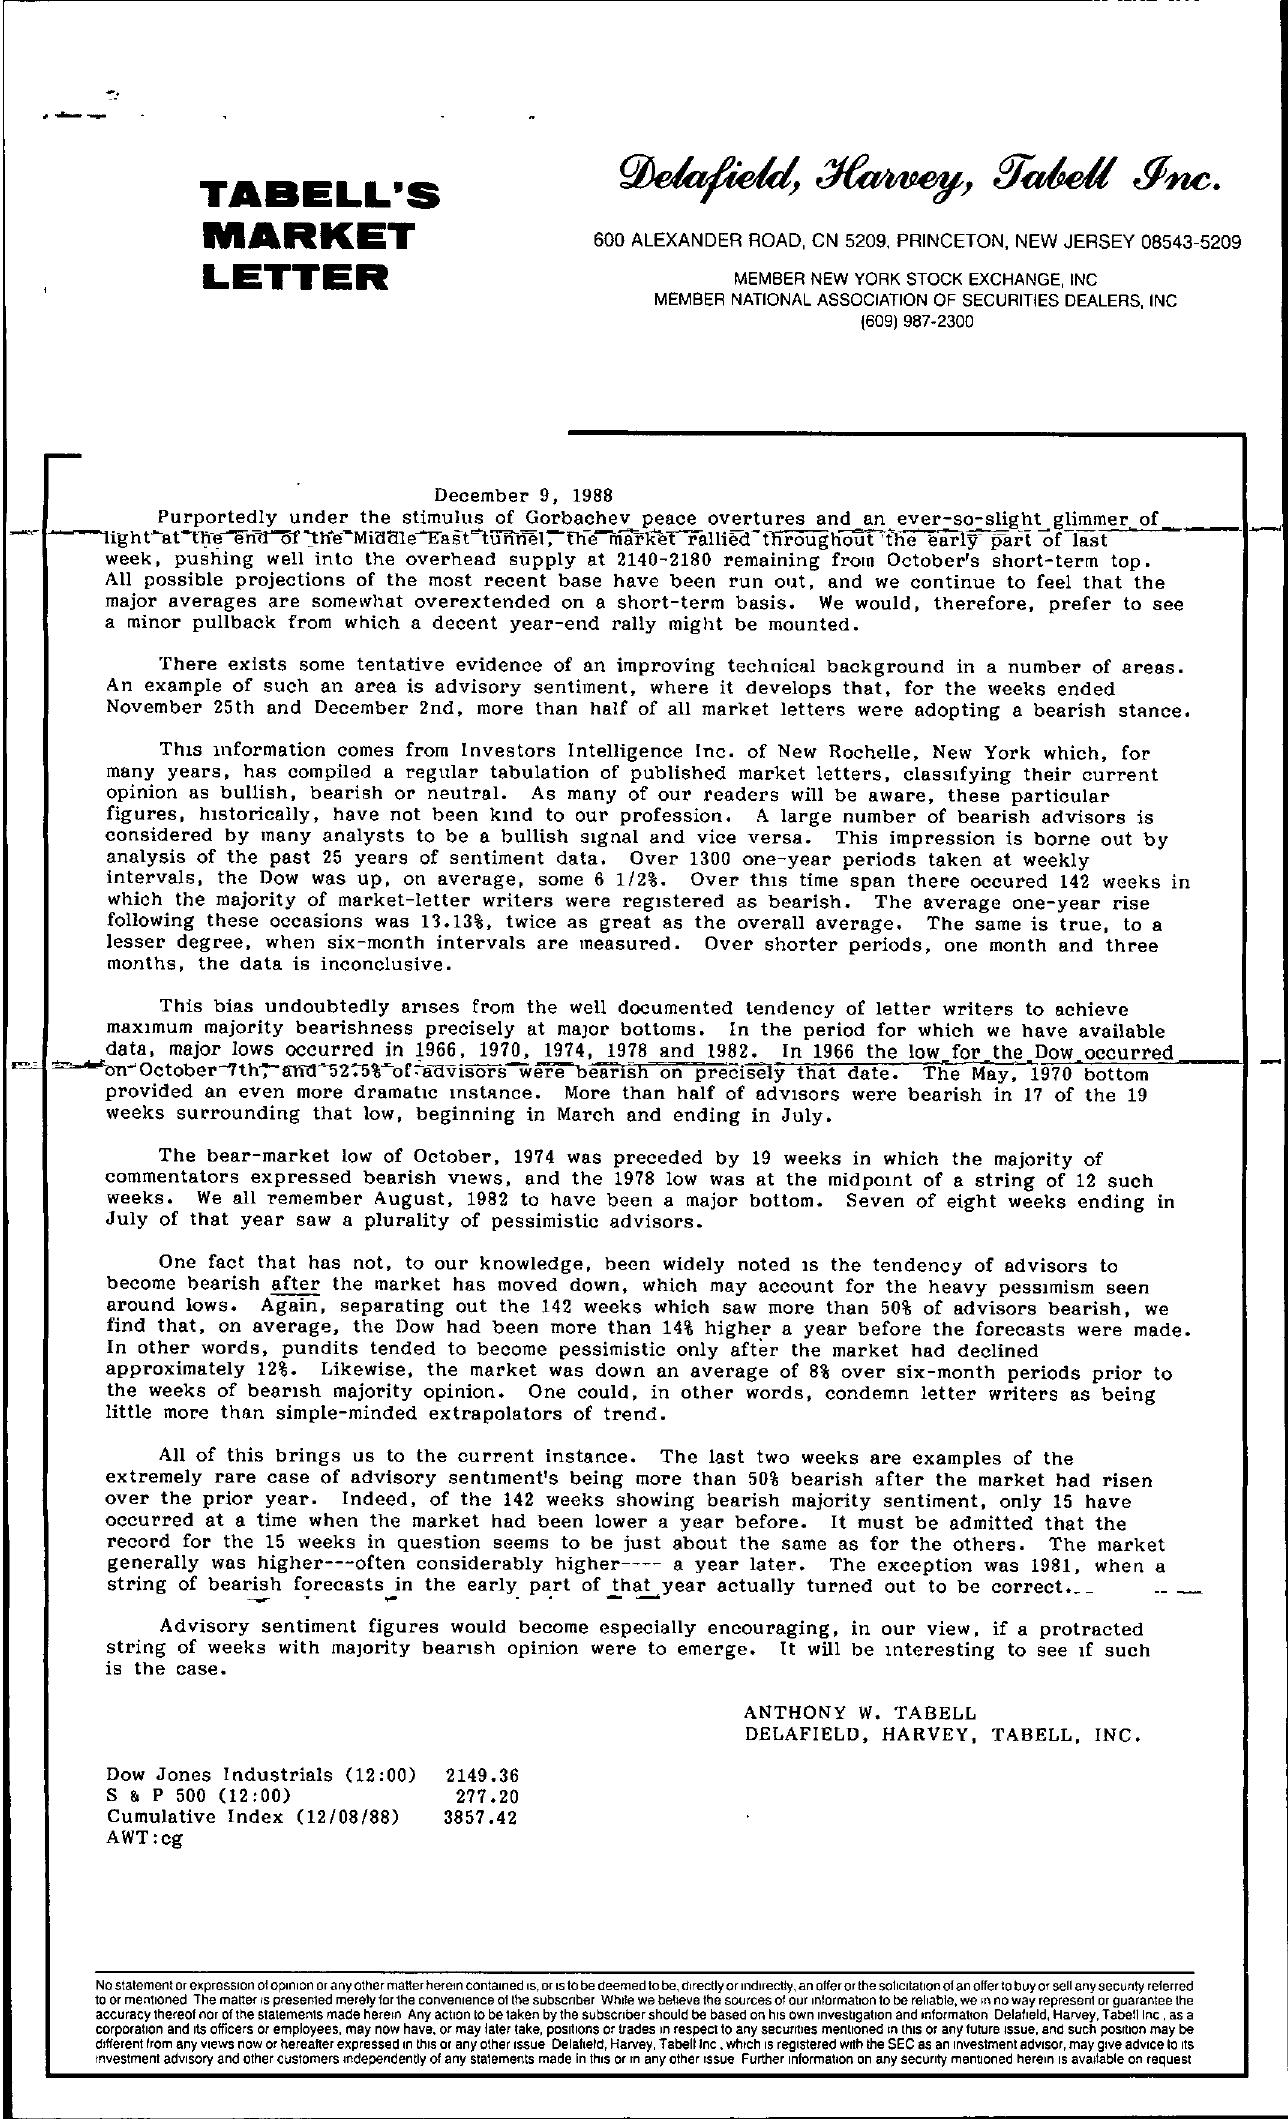 Tabell's Market Letter - December 09, 1988